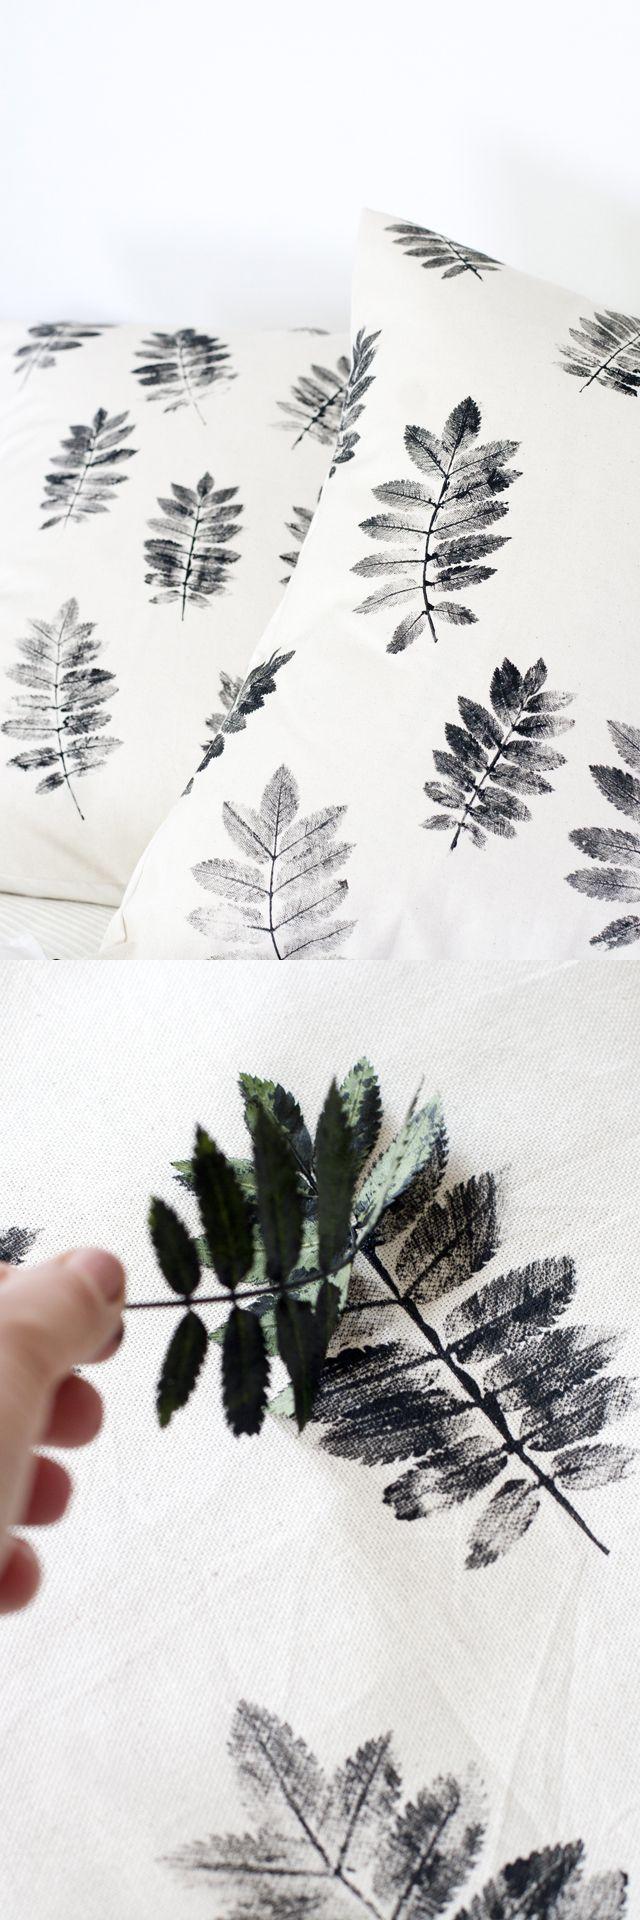 Fabric print using leaves | DIY printing | #DIY